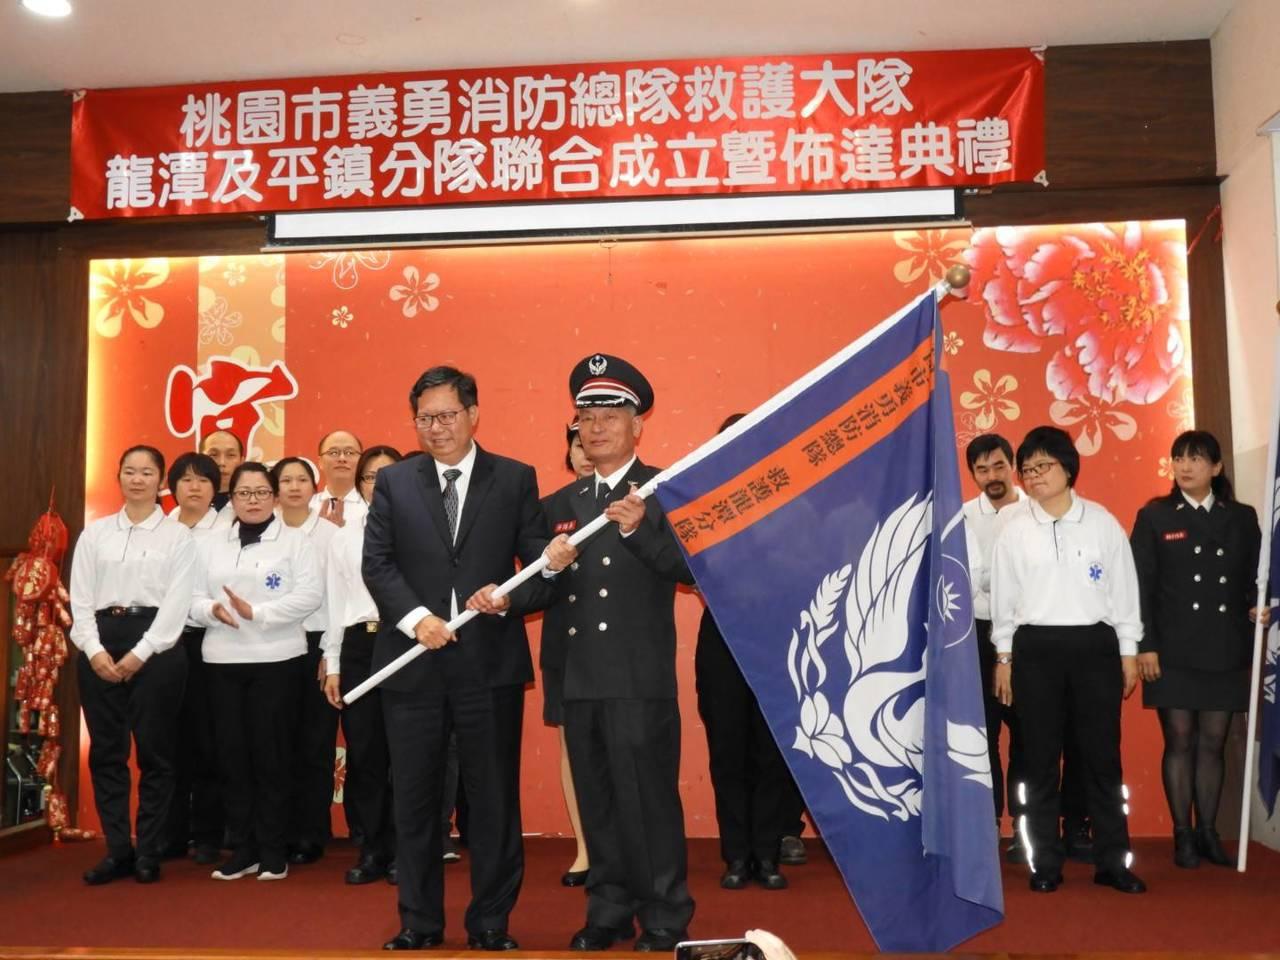 桃園市長鄭文燦(左)到場為平鎮、龍潭分隊授旗。圖/桃園市消防局第四大隊提供